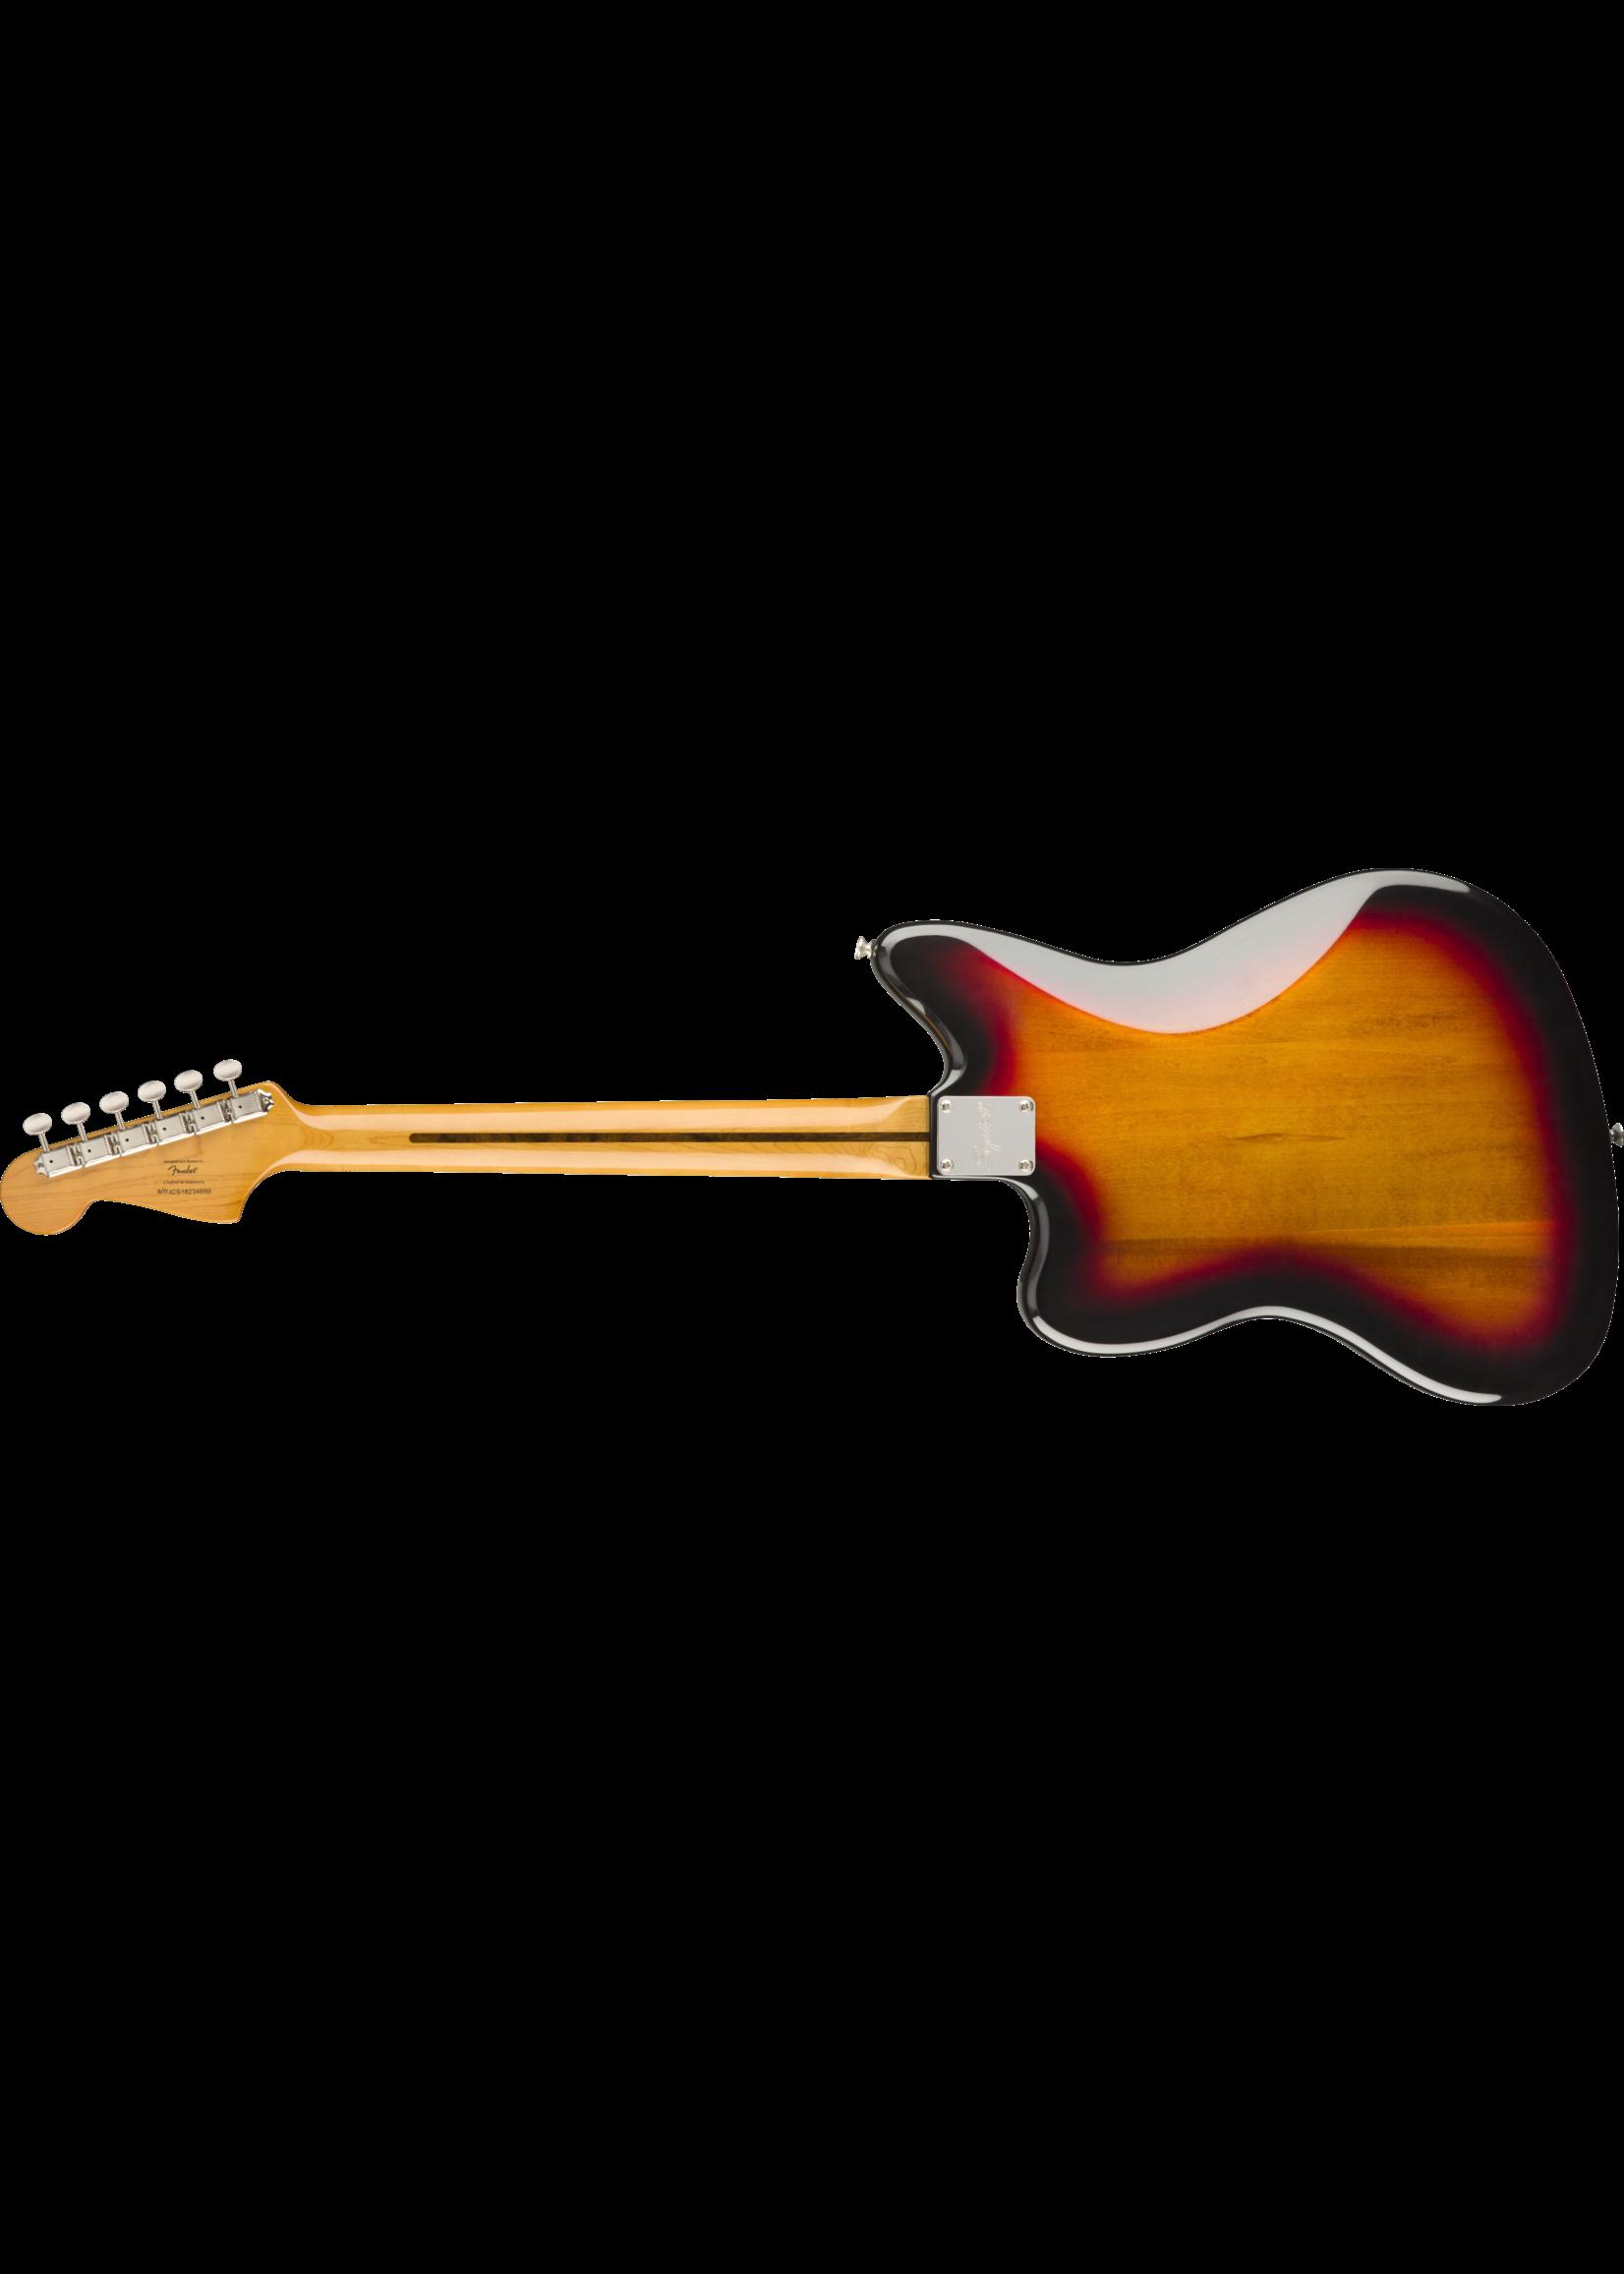 Squier Squier Classic Vibe '60s Jazzmaster 3-Tone Sunburst